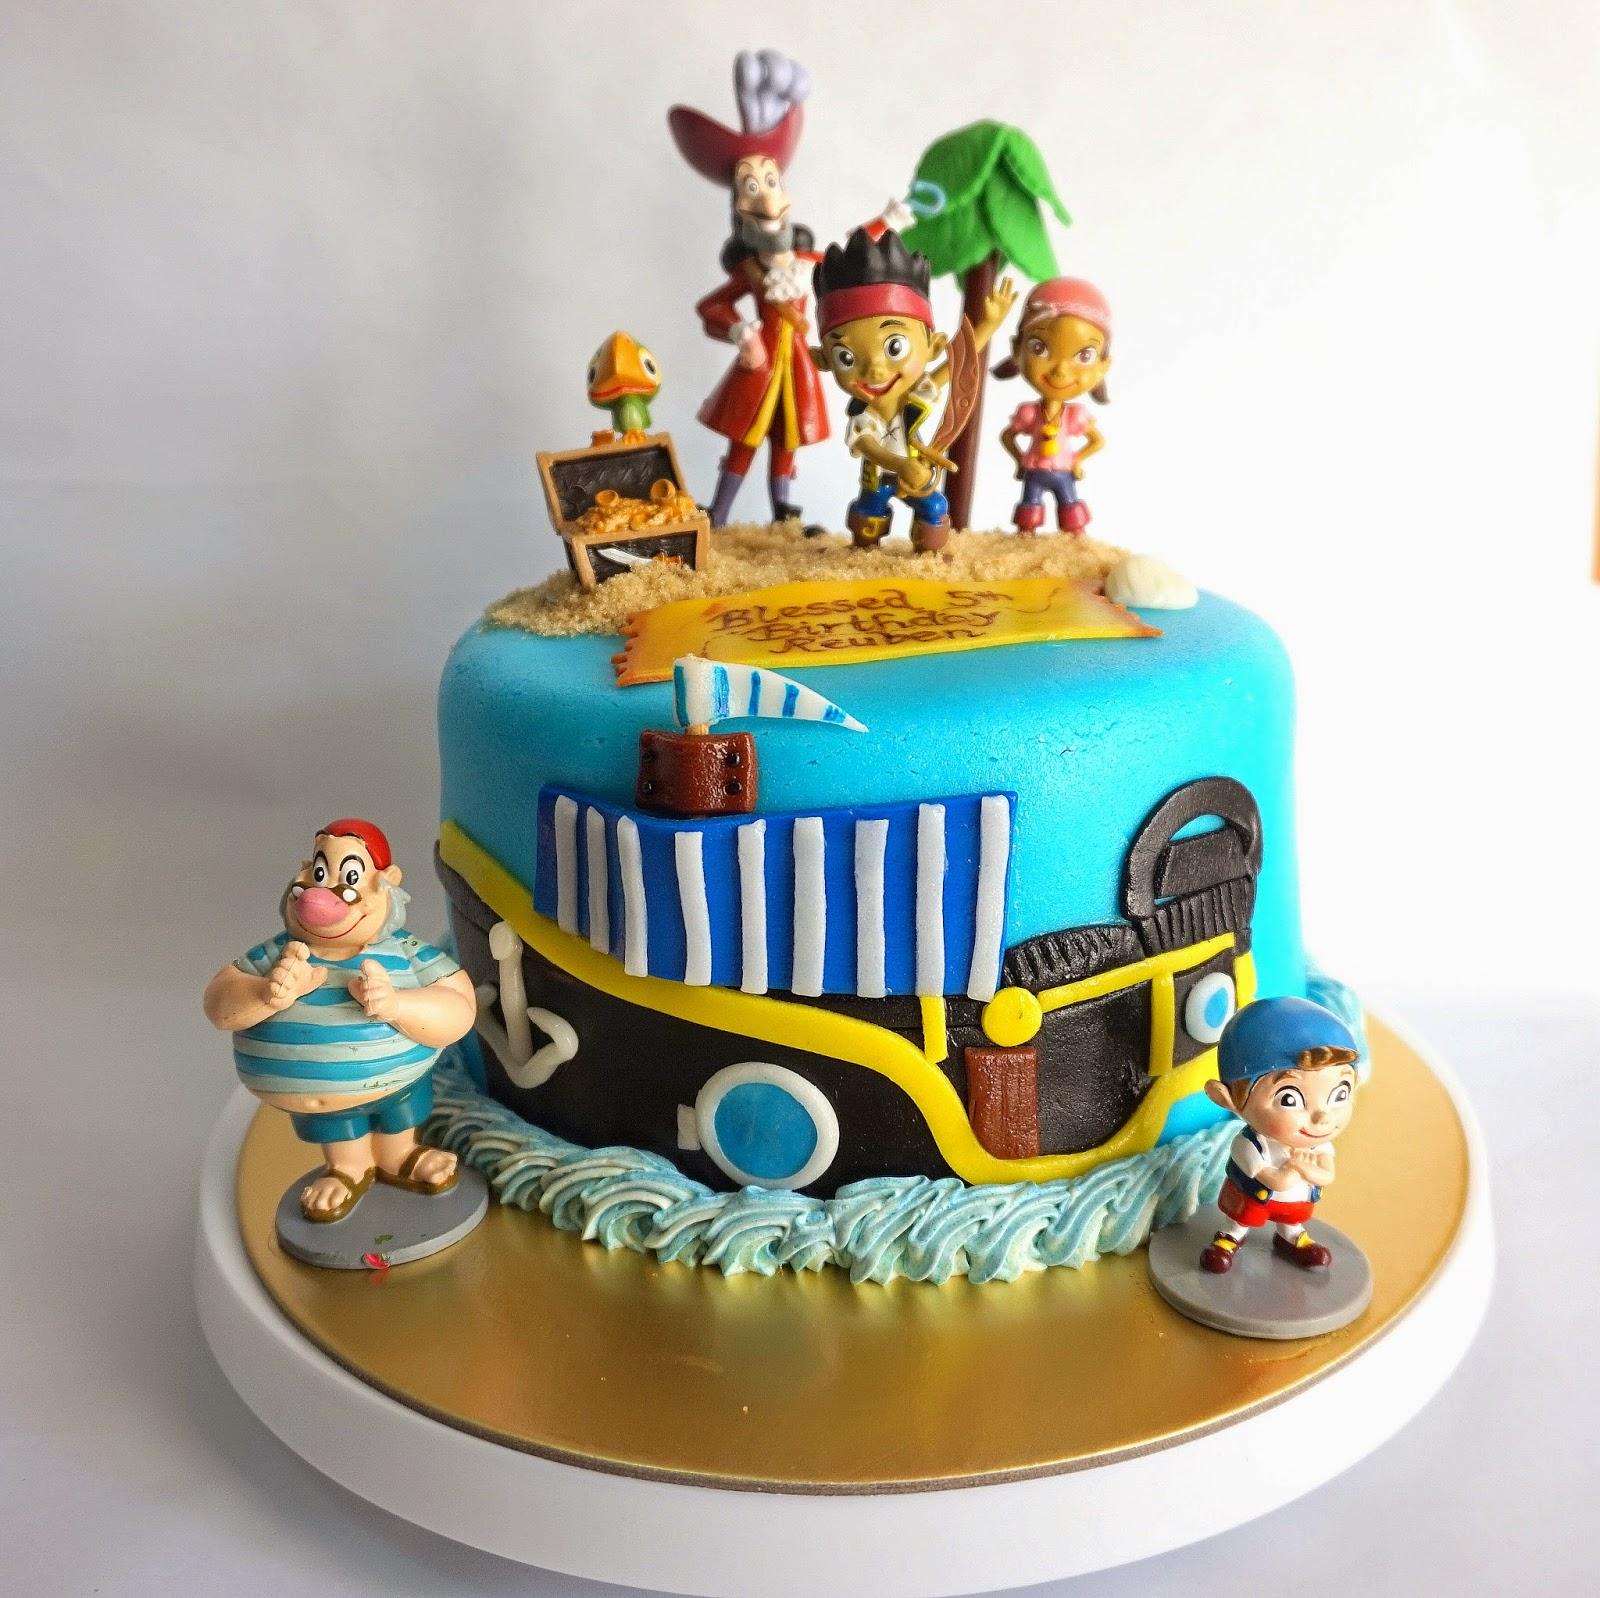 Jack and the Neverland Pirates Birthday Cake